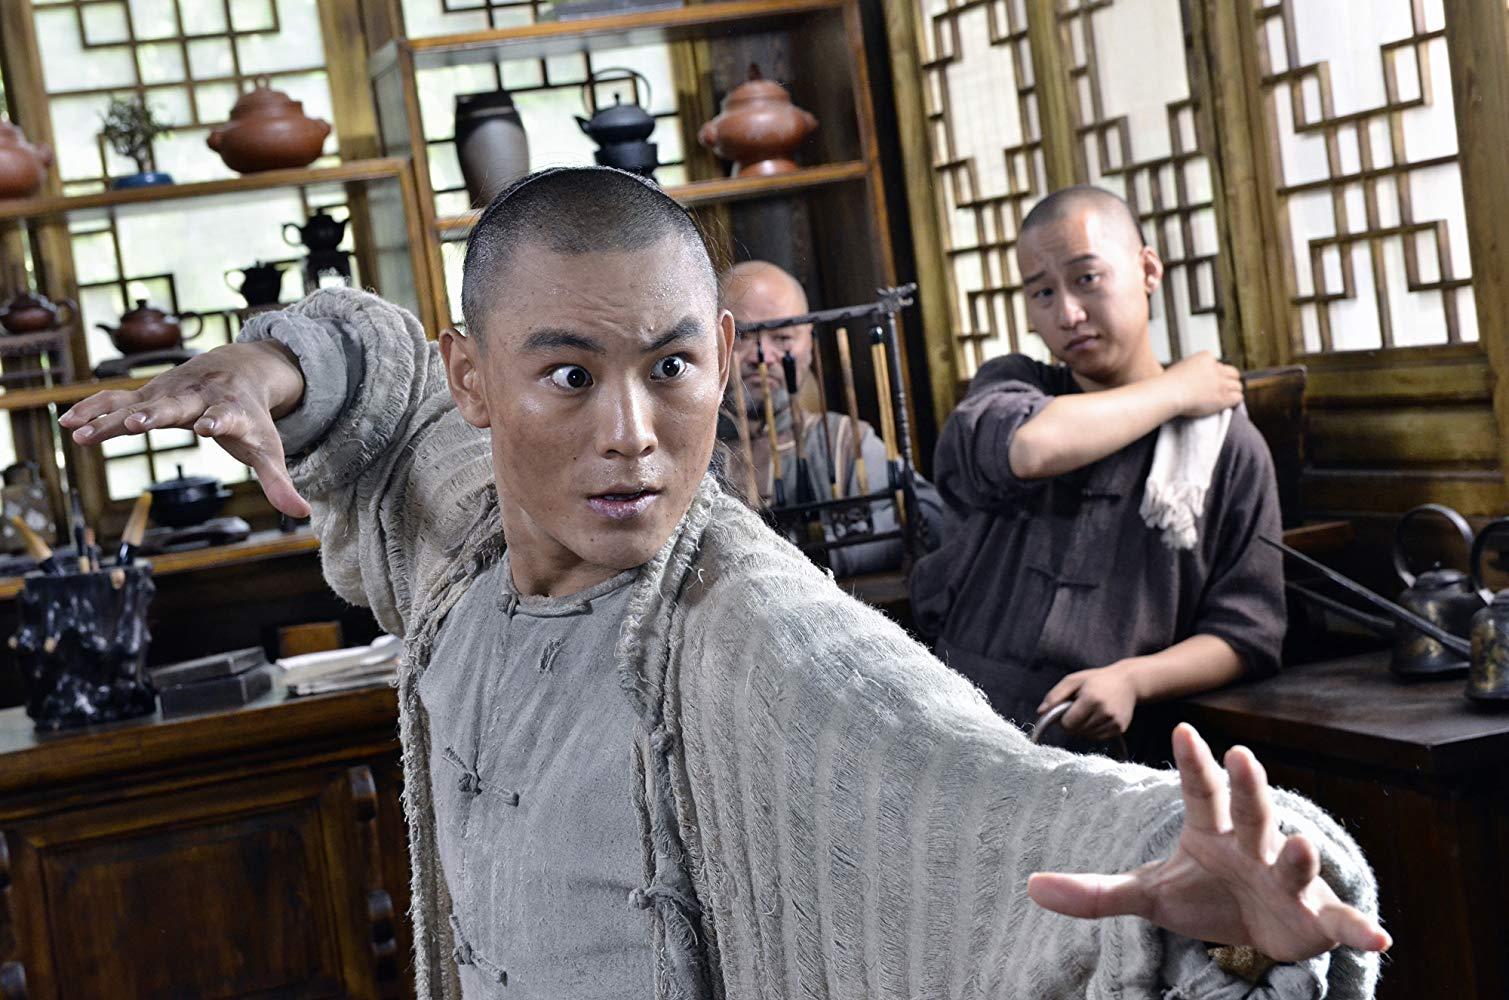 Jayden Yuan as Lu Chan aka The Freak in Taichi Zero (2012)